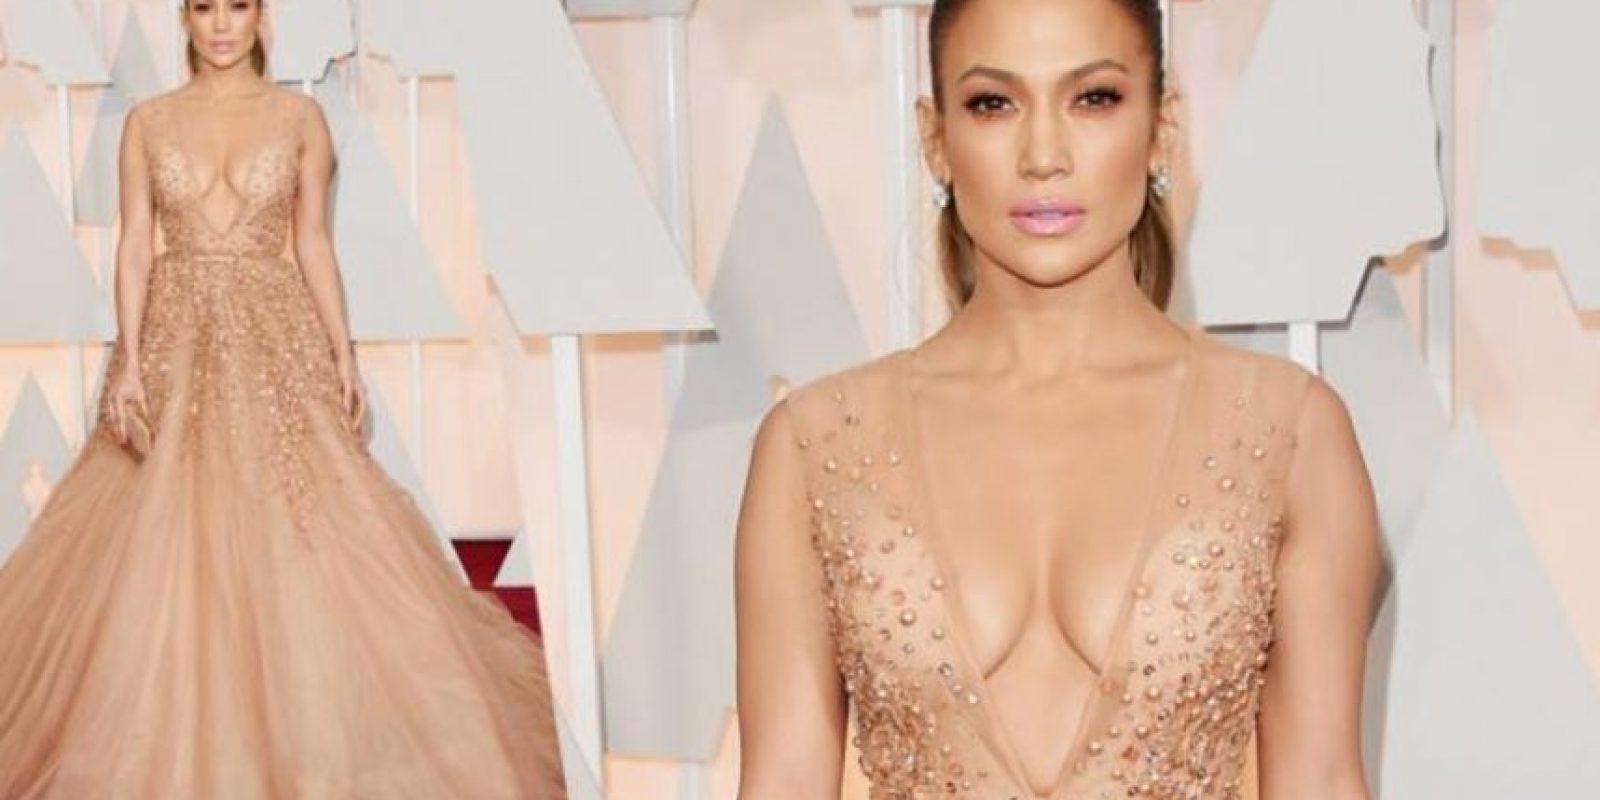 Vestidos con ajuste perfecto: Este fue el que usó en los pasados Oscars. Ella sabe elegir sus atuendos y cómo llevar incluso el que se sale de su línea habitual. Foto:Getty Images